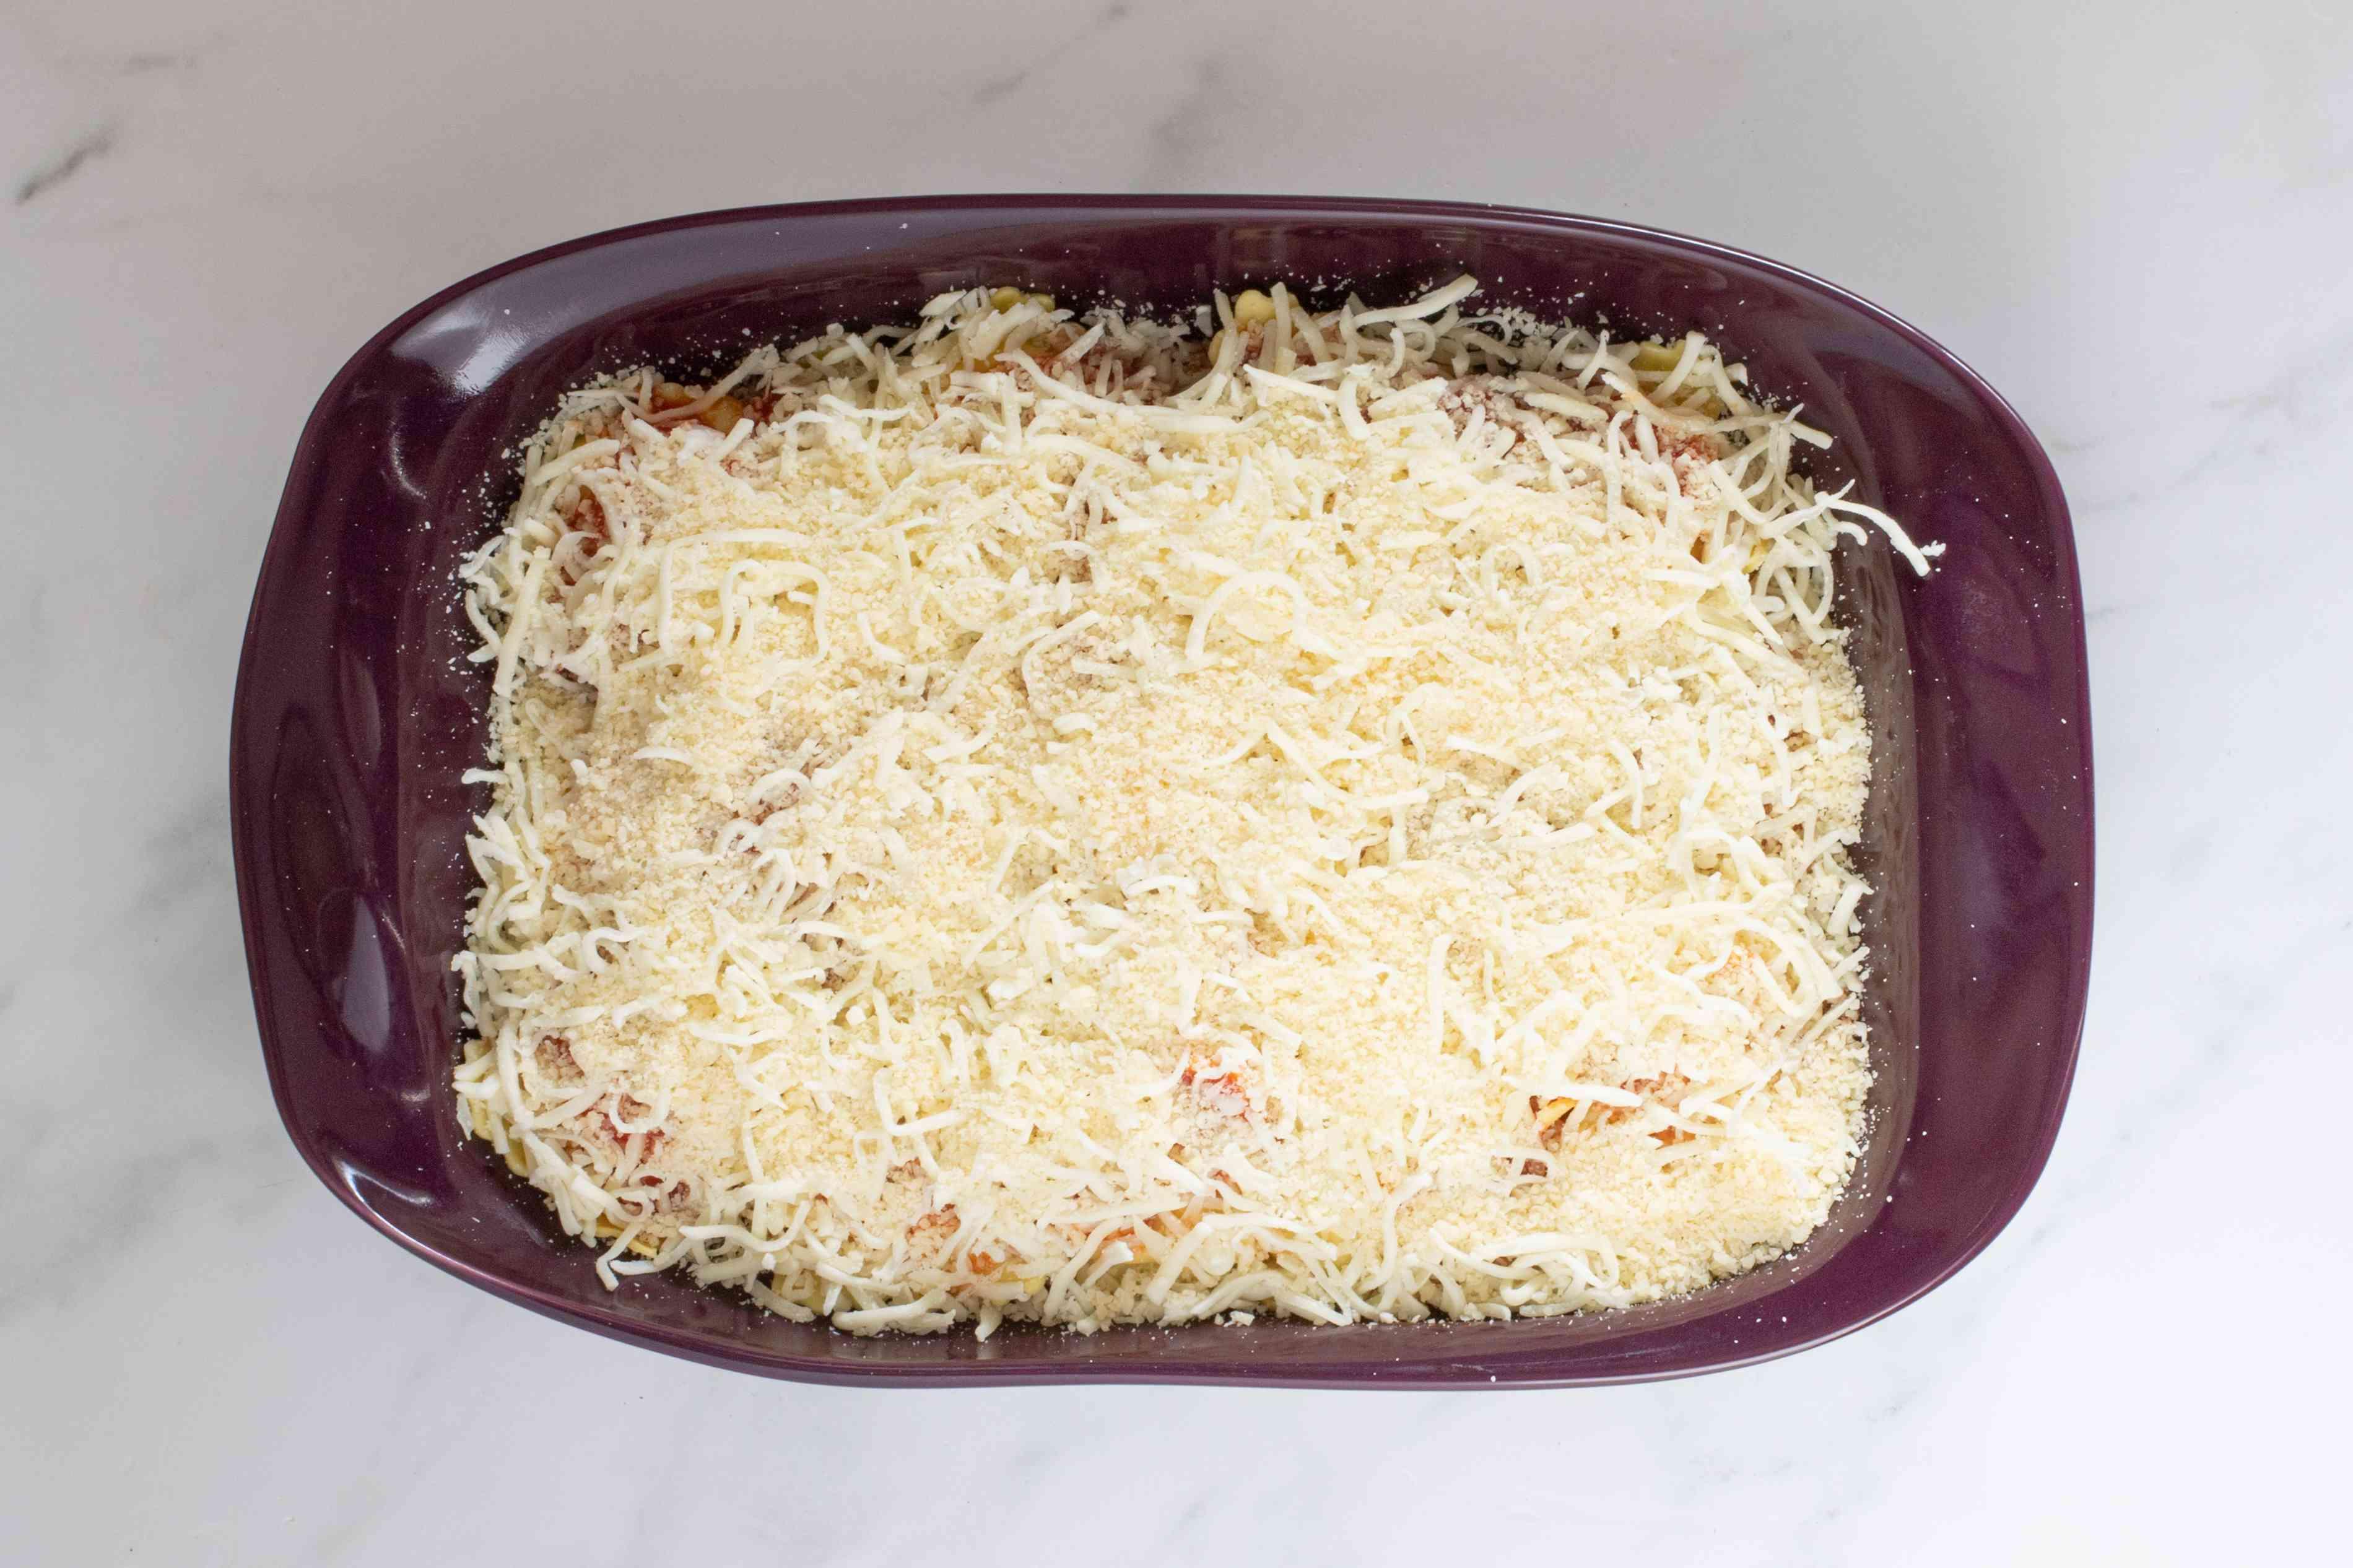 cheese topping on ravioli bake